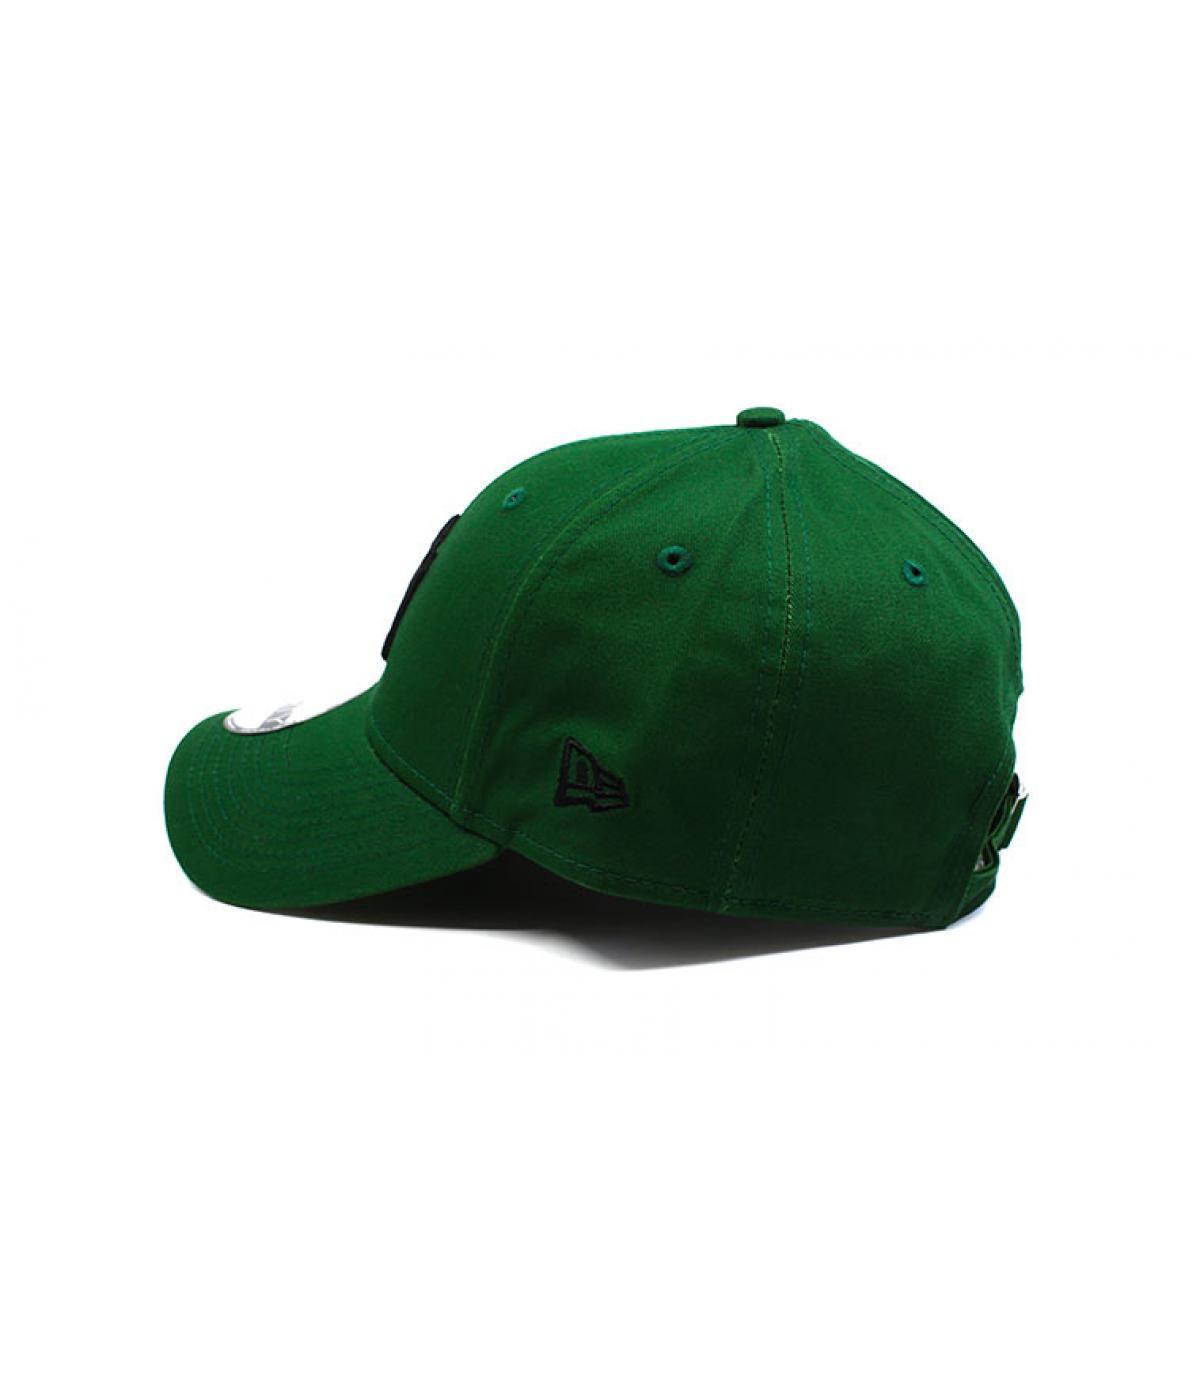 Details Cap League Ess NY 940 hooley green black - Abbildung 4